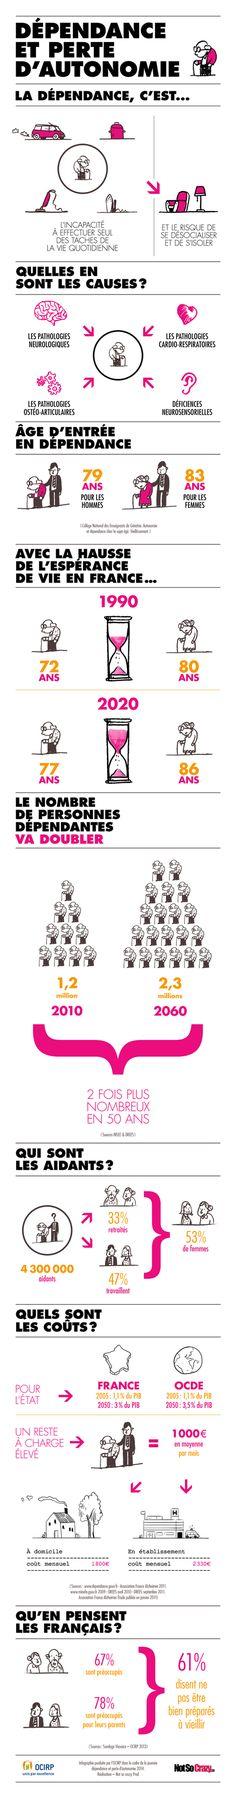 Infographie : Dépendance et perte d'autonomie | OCIRP | Dépendance & Autonomie | Scoop.it